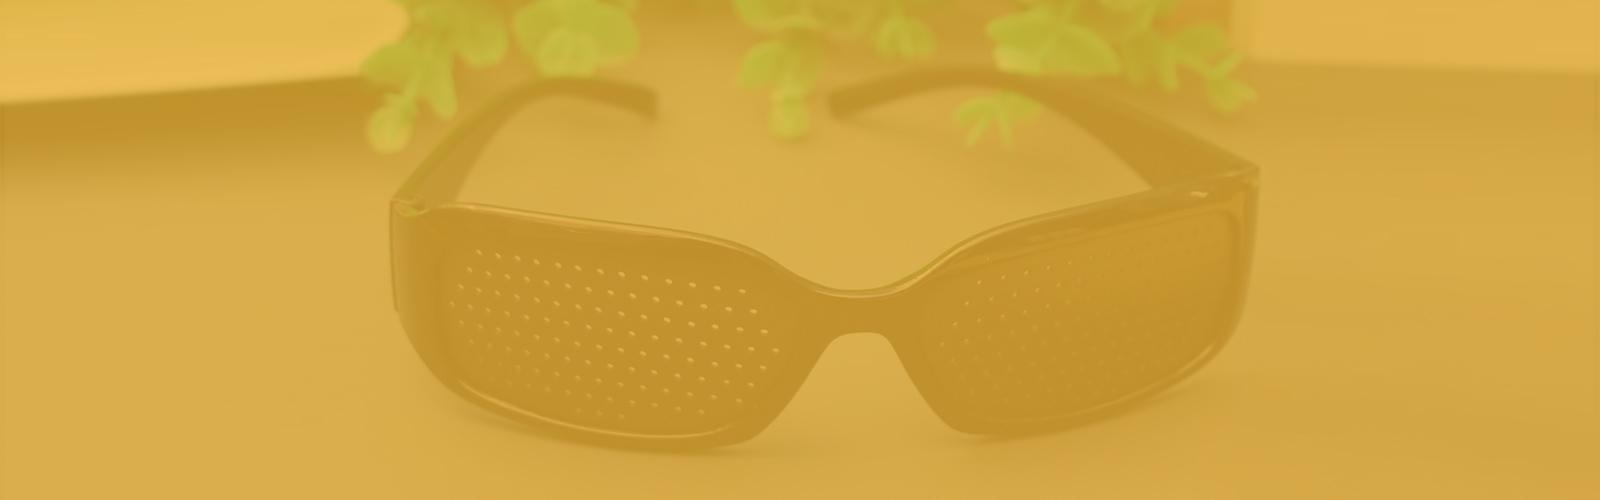 ¿Cómo funcionan las gafas estenopeicas?